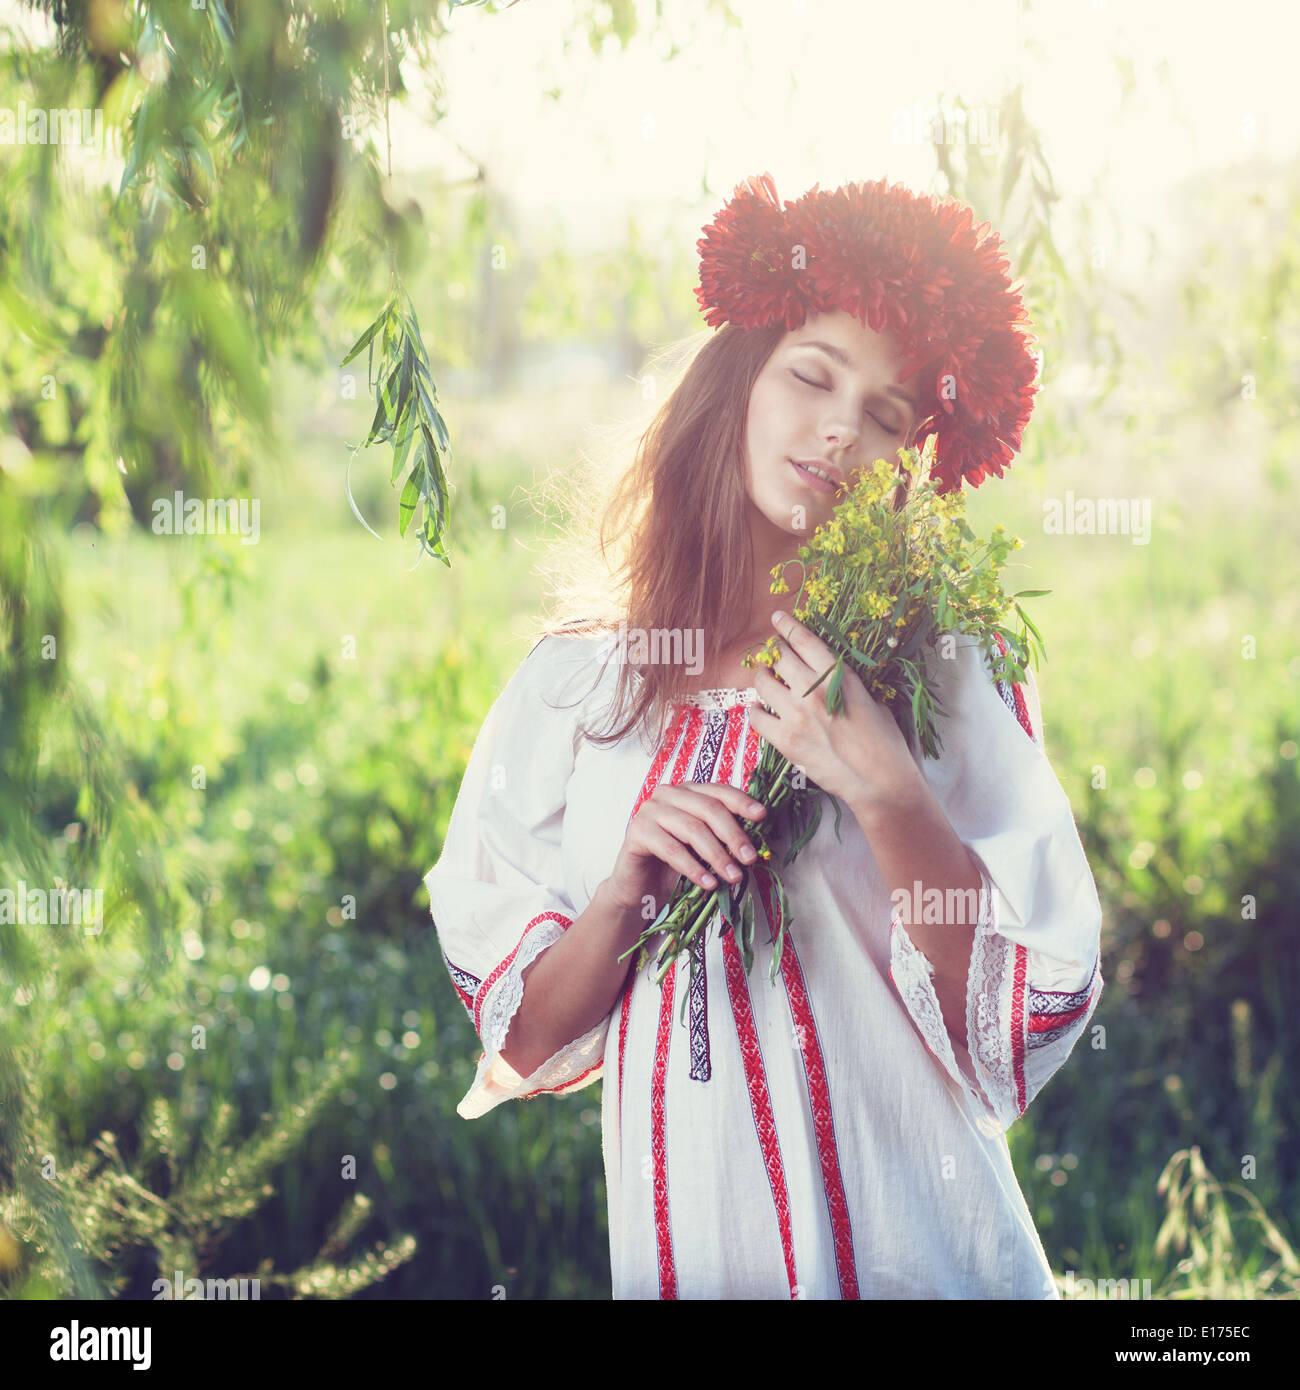 Emotionale Porträt ukrainische Frau mit Blumenstrauß Stockbild